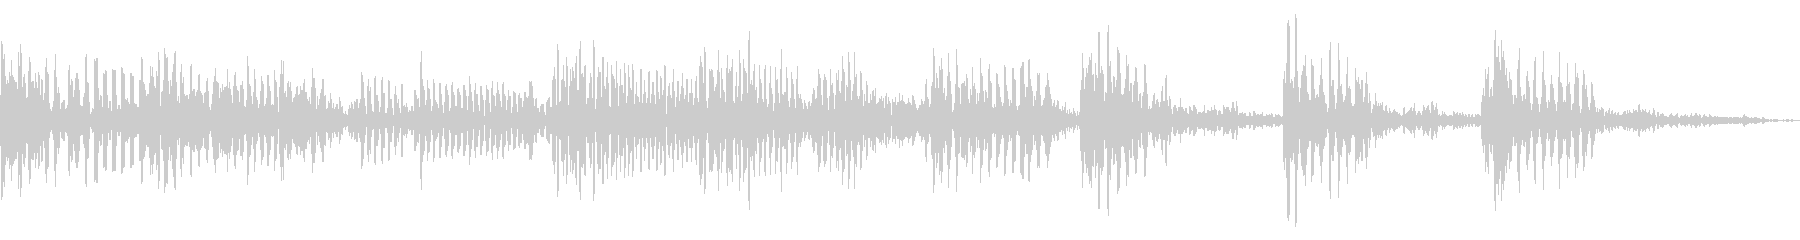 リズムとベースによるアイキャッチ用音源の未再生の波形